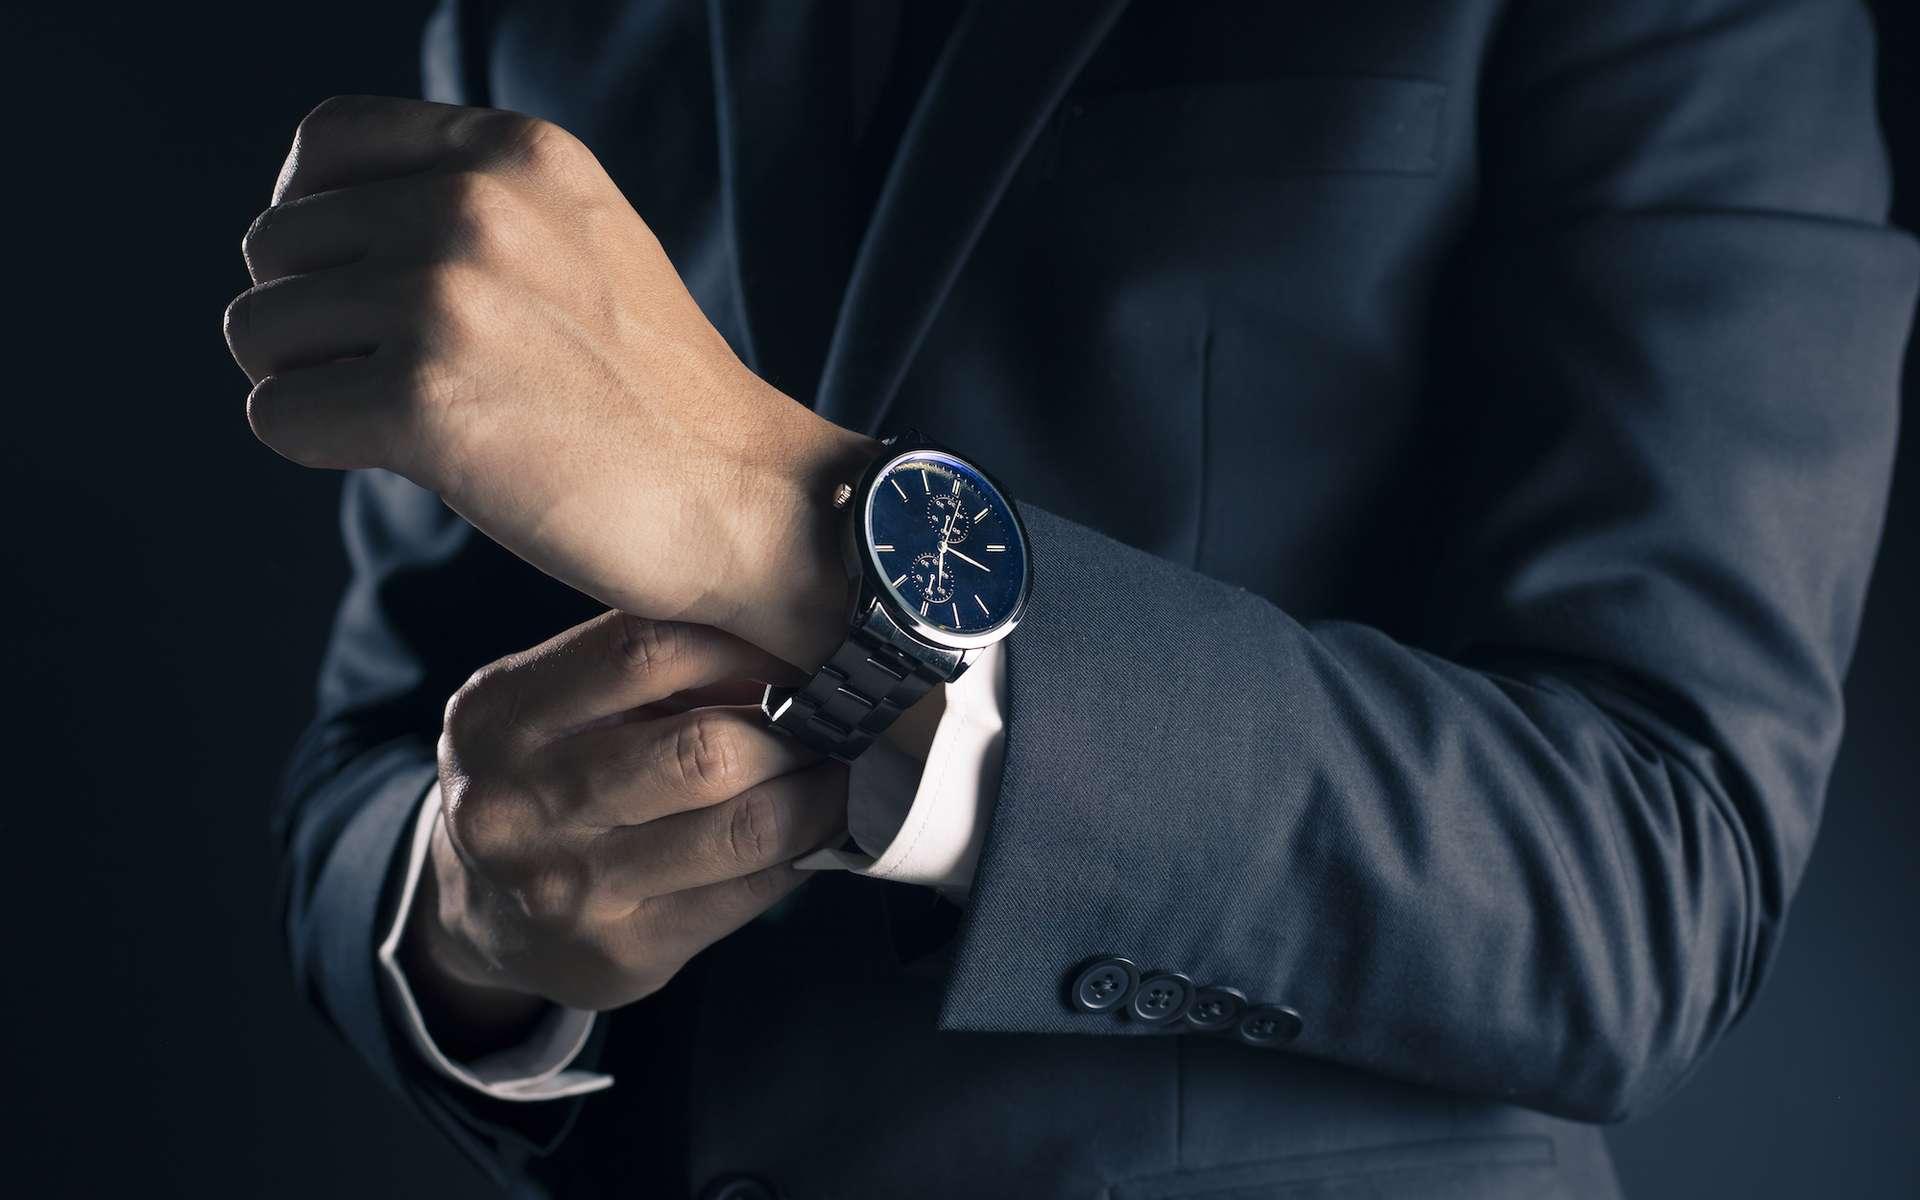 Le fabricant japonais Seiko a déjà commercialisé une montre alimentée grâce à l'effet Seebeck. © CHAjAMP, Shutterstock